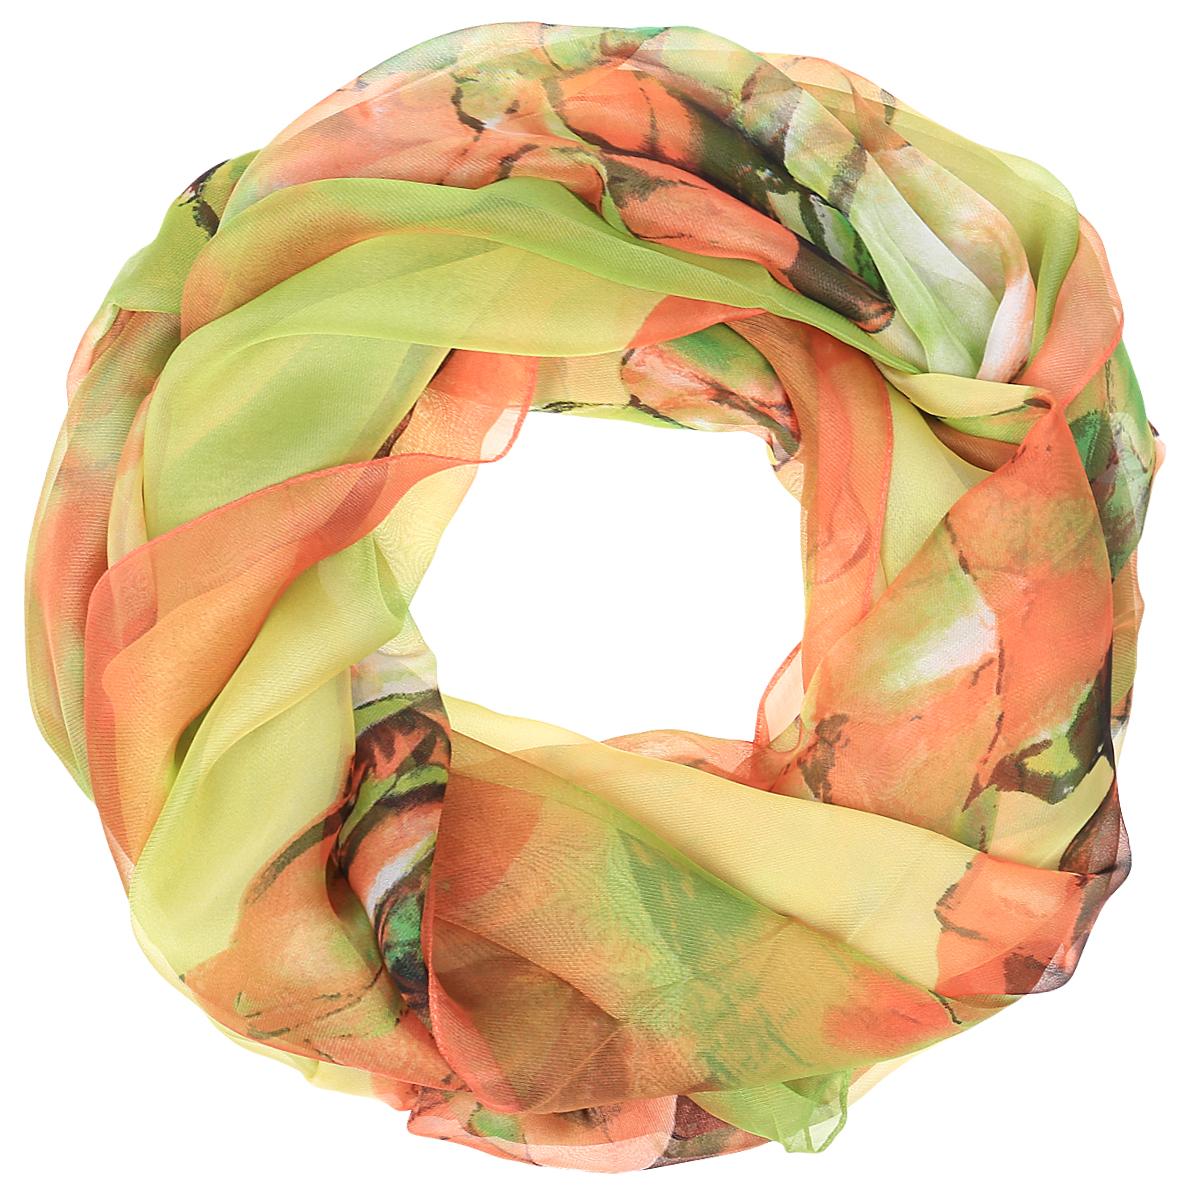 Палантин Sophie Ramage, цвет: оранжевый, салатовый. PP-11707-2. Размер 120 см х 180 смPP-11707-2Яркий палантин Sophie Ramage изготовлен из шелка и полиэстера. Модель оформлена оригинальным принтом. Изделия Sophie Ramage приятные на ощупь и подойдут к любому стилю.